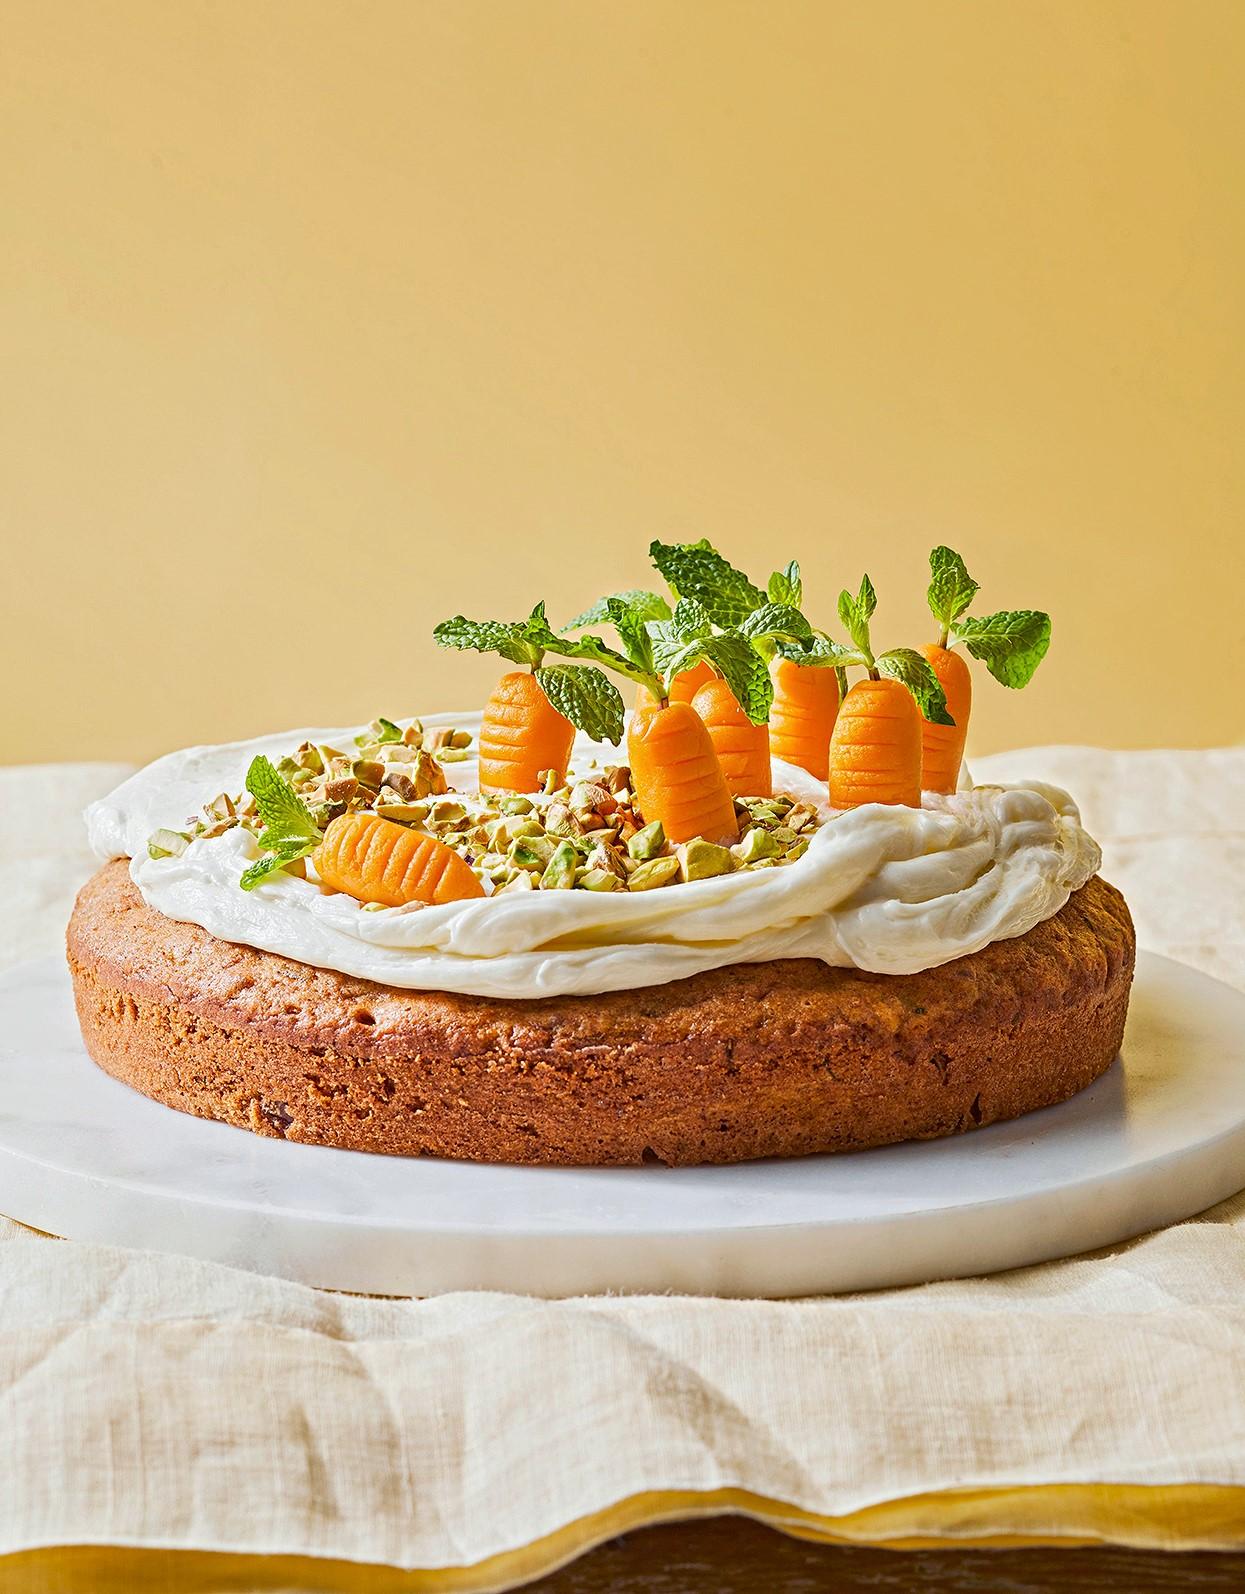 Délicieux gâteau aux carottes.